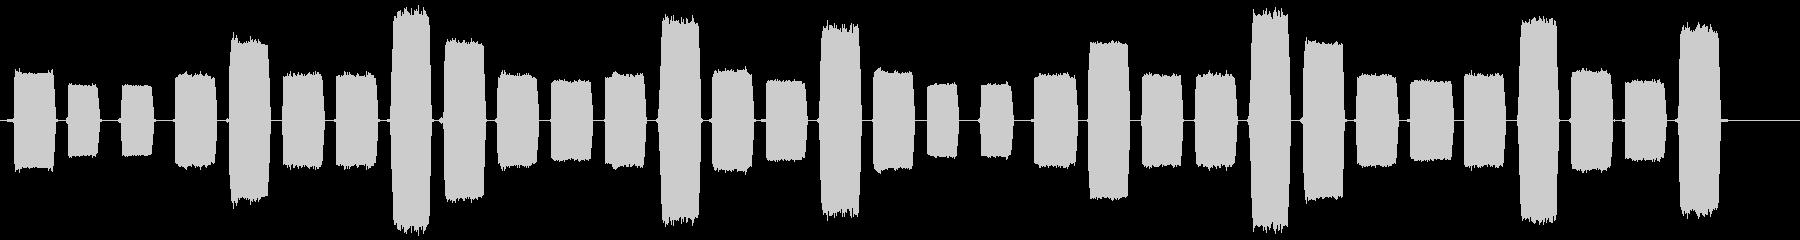 ピコピコとコンピュータを操作する音ですの未再生の波形